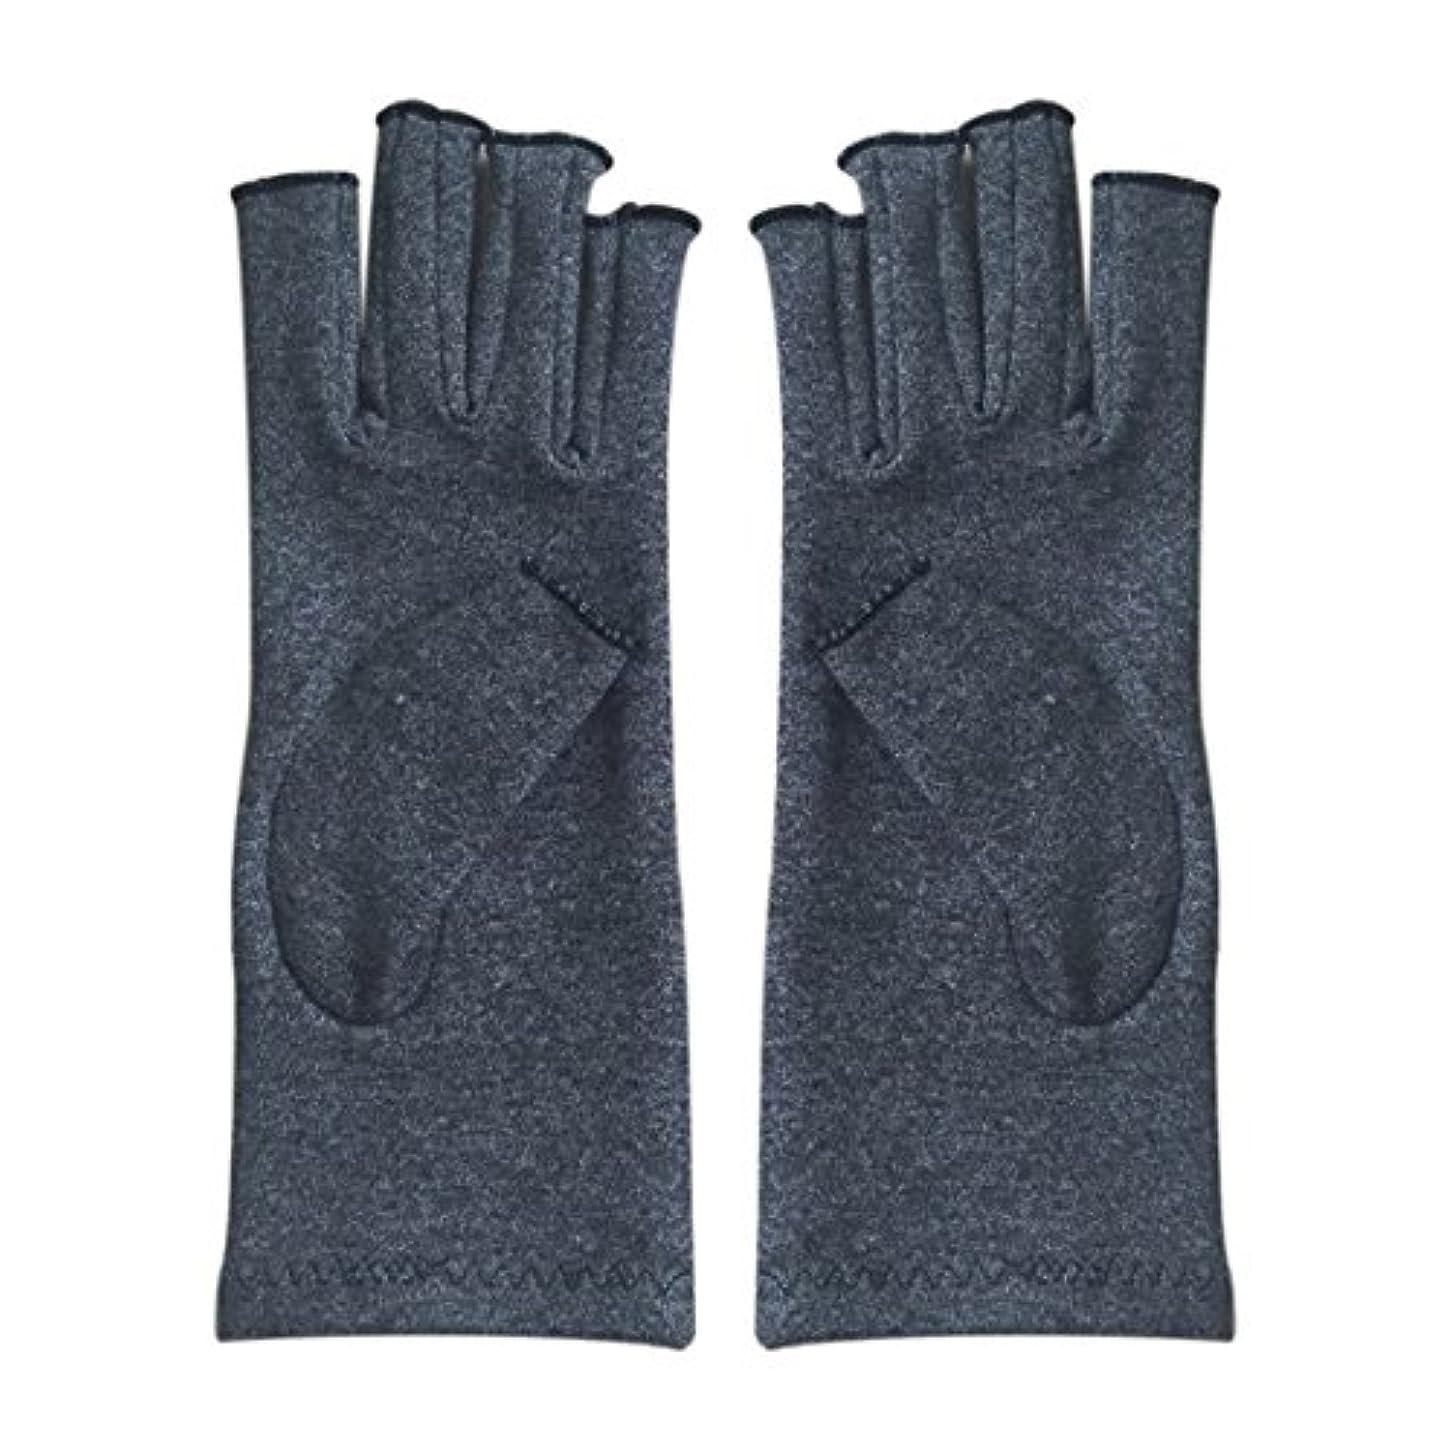 熱狂的な惨めな狐Cikuso 1ペア成人男性女性用弾性コットンコンプレッション手袋手関節炎関節痛鎮痛軽減S -灰色、S